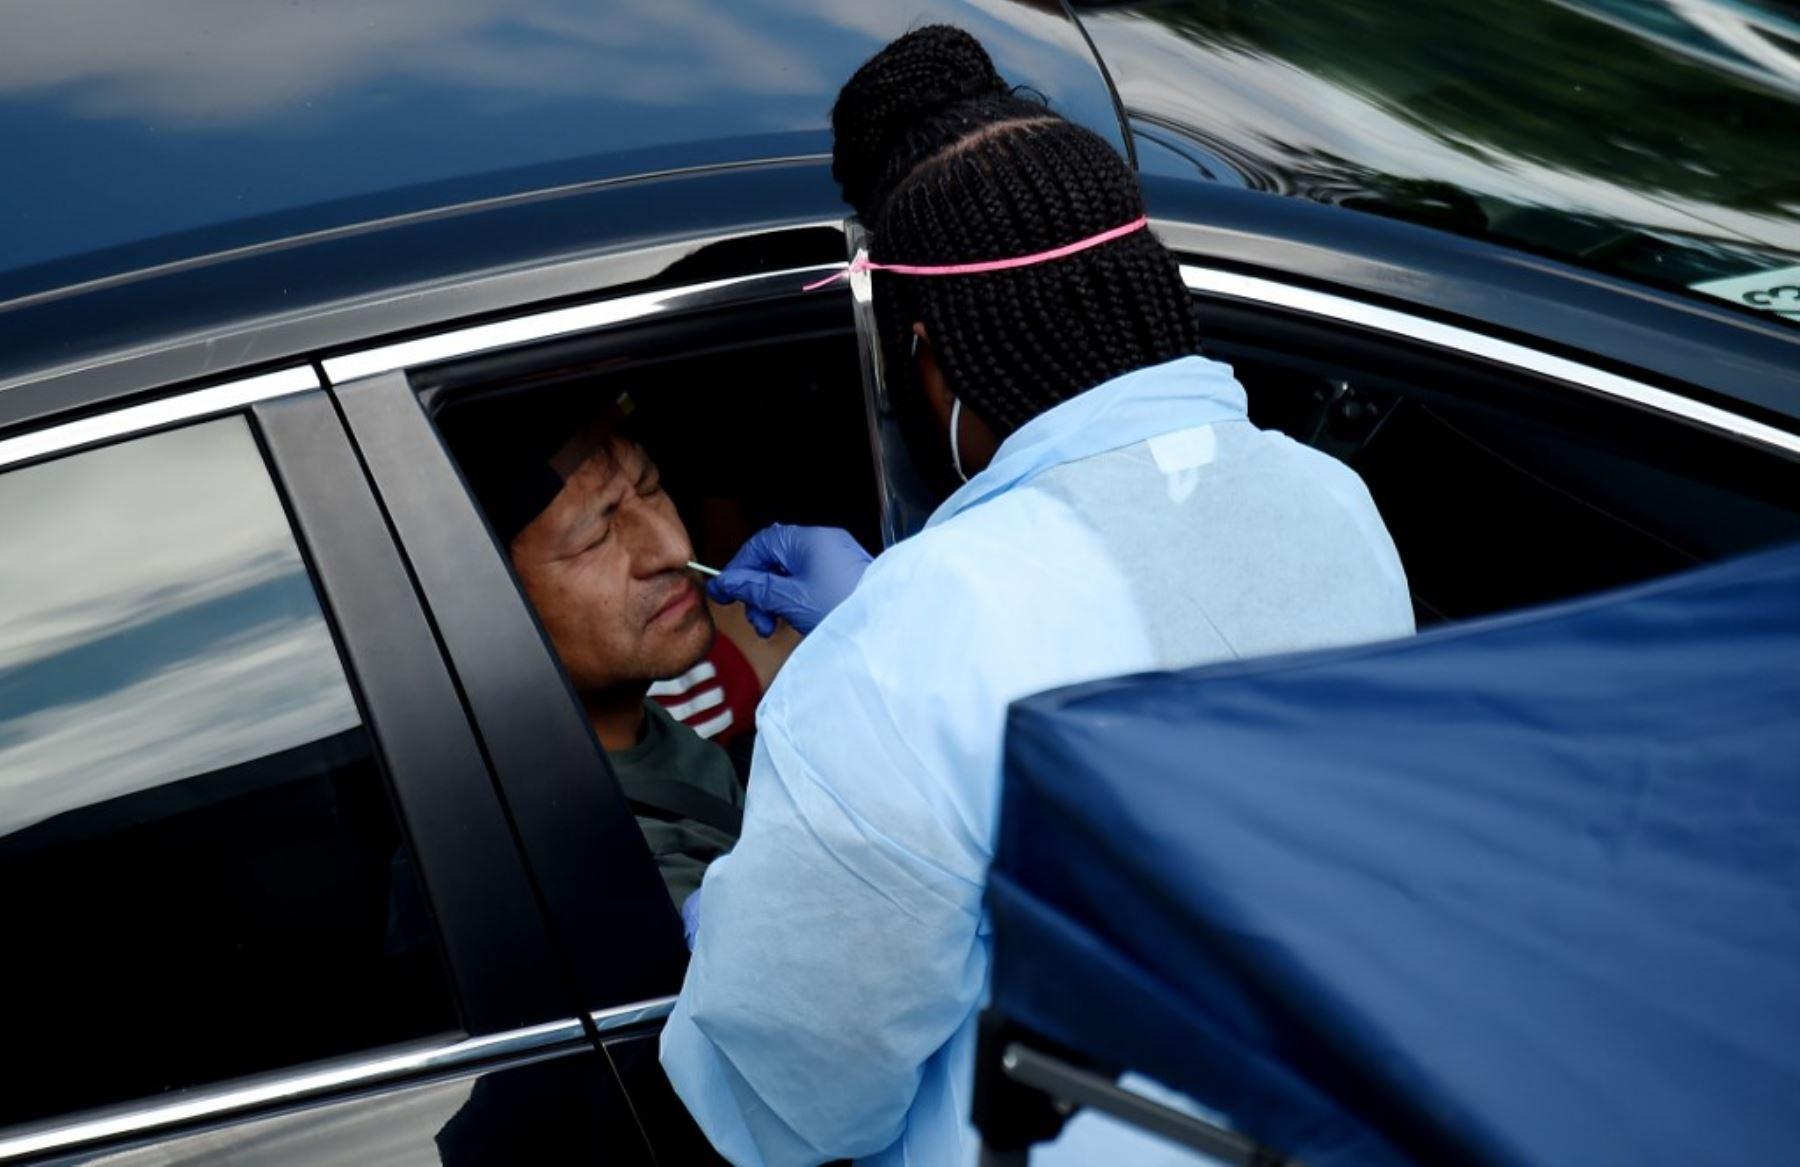 Las personas reciben pruebas gratuitas de COVID-19 en un centro de pruebas de manejo de Coronavirus ubicado en Virginia. Foto: AFP